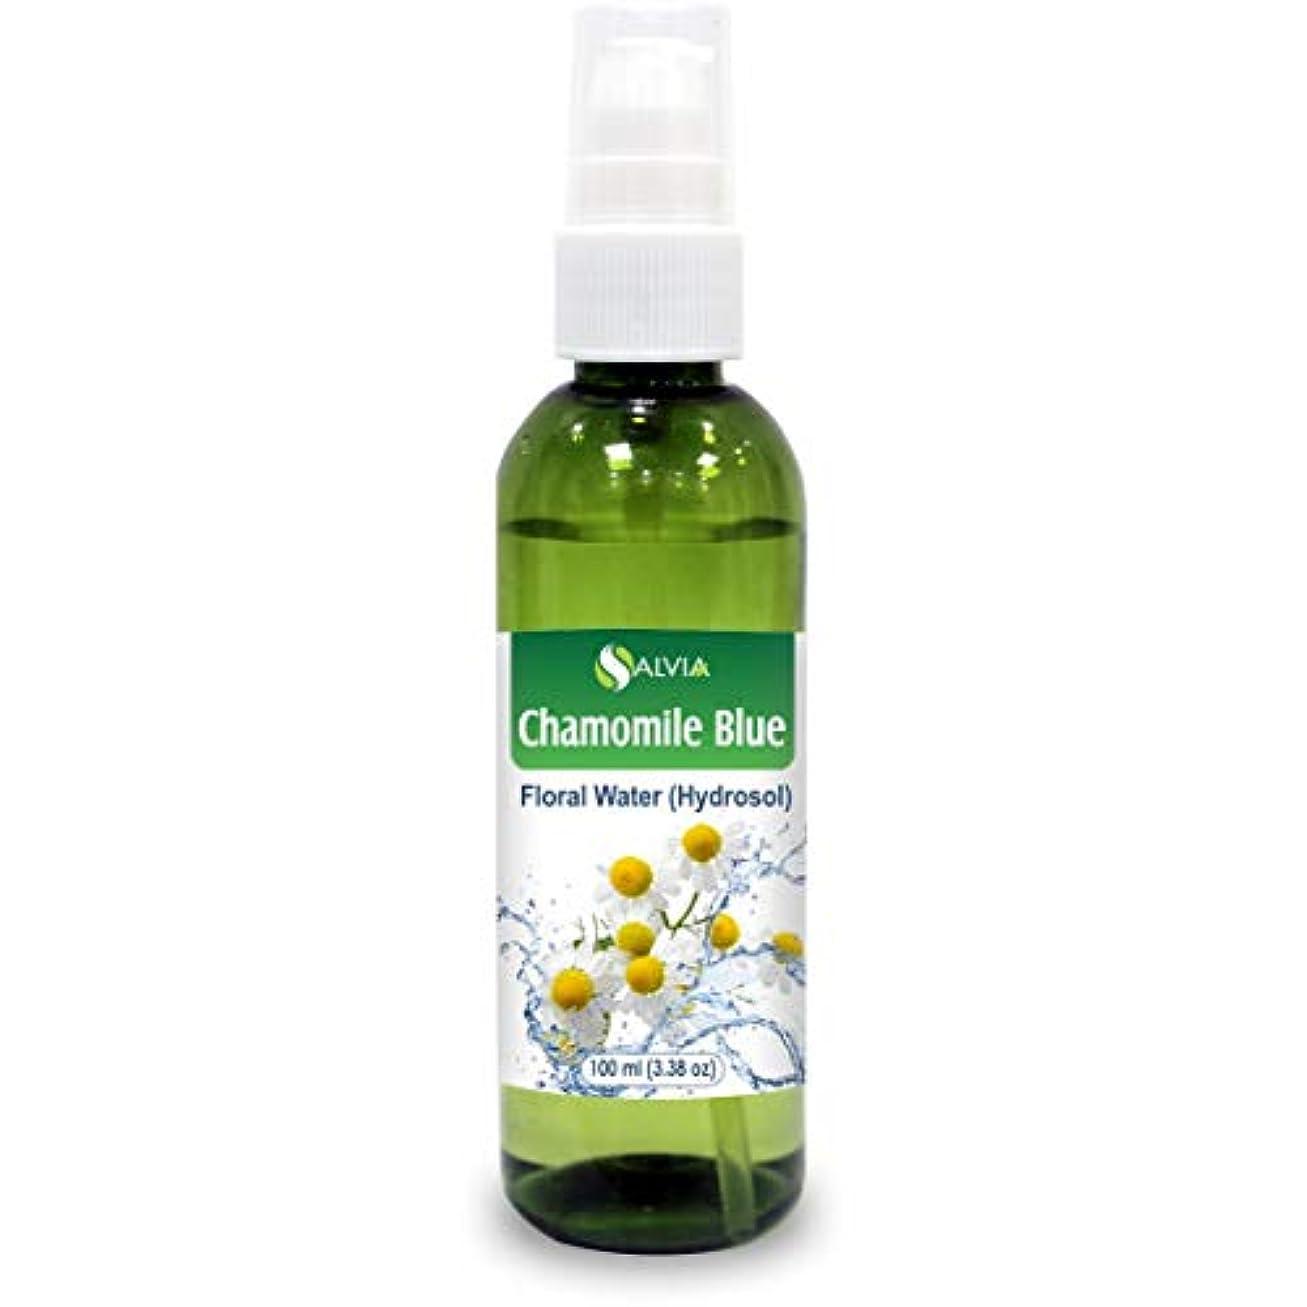 マングルブルゴーニュ誠実Chamomile Oil, Blue Floral Water 100ml (Hydrosol) 100% Pure And Natural